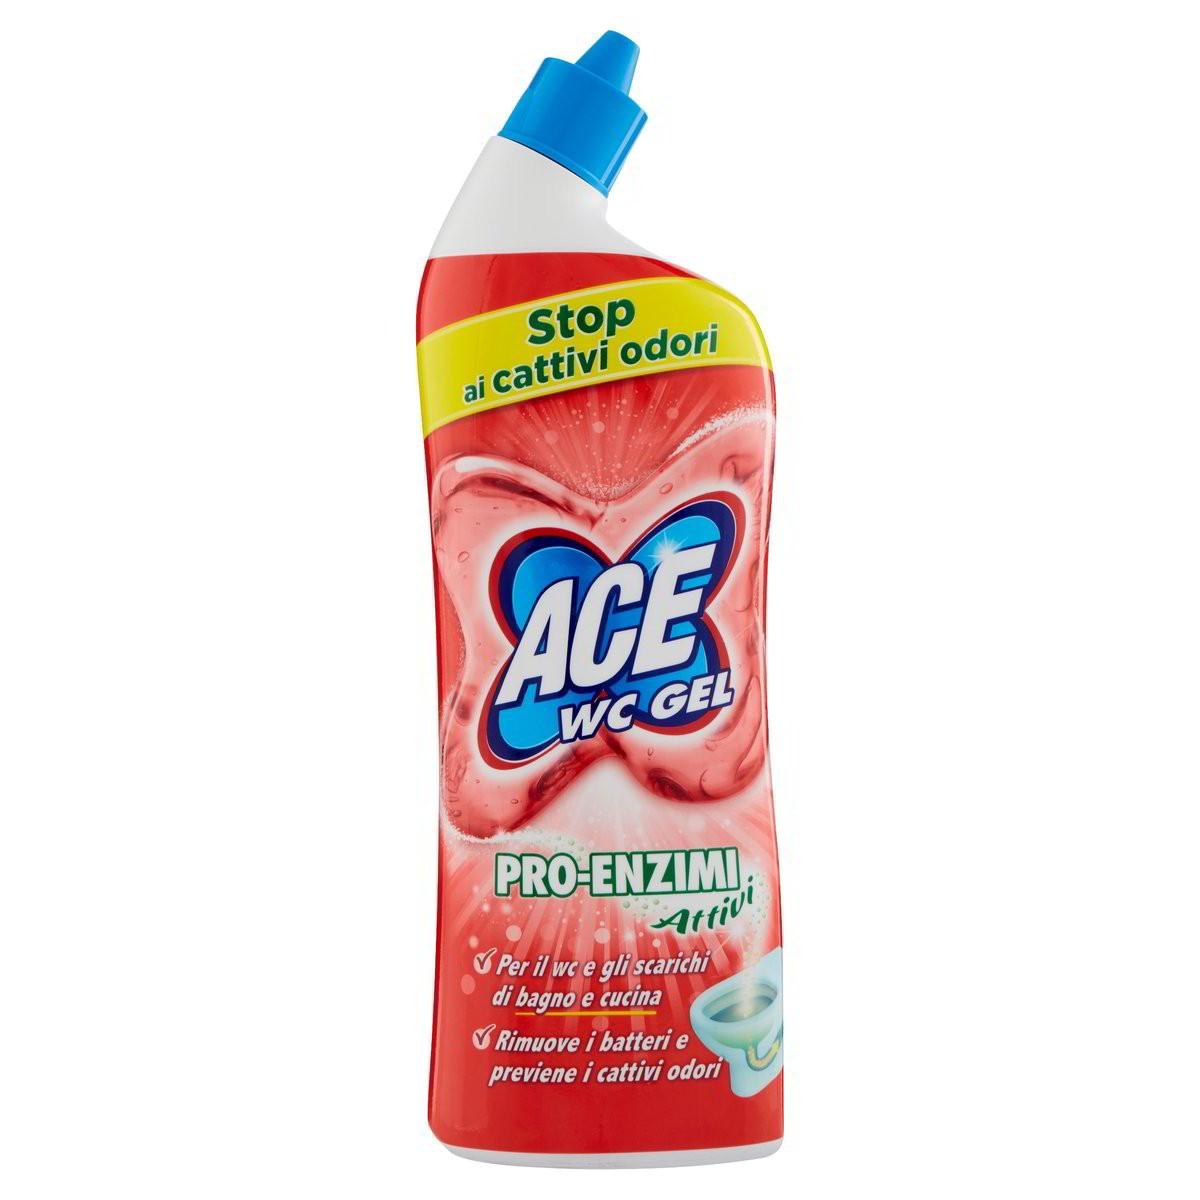 Ace Detergente WC Gel Pro-Enzimi